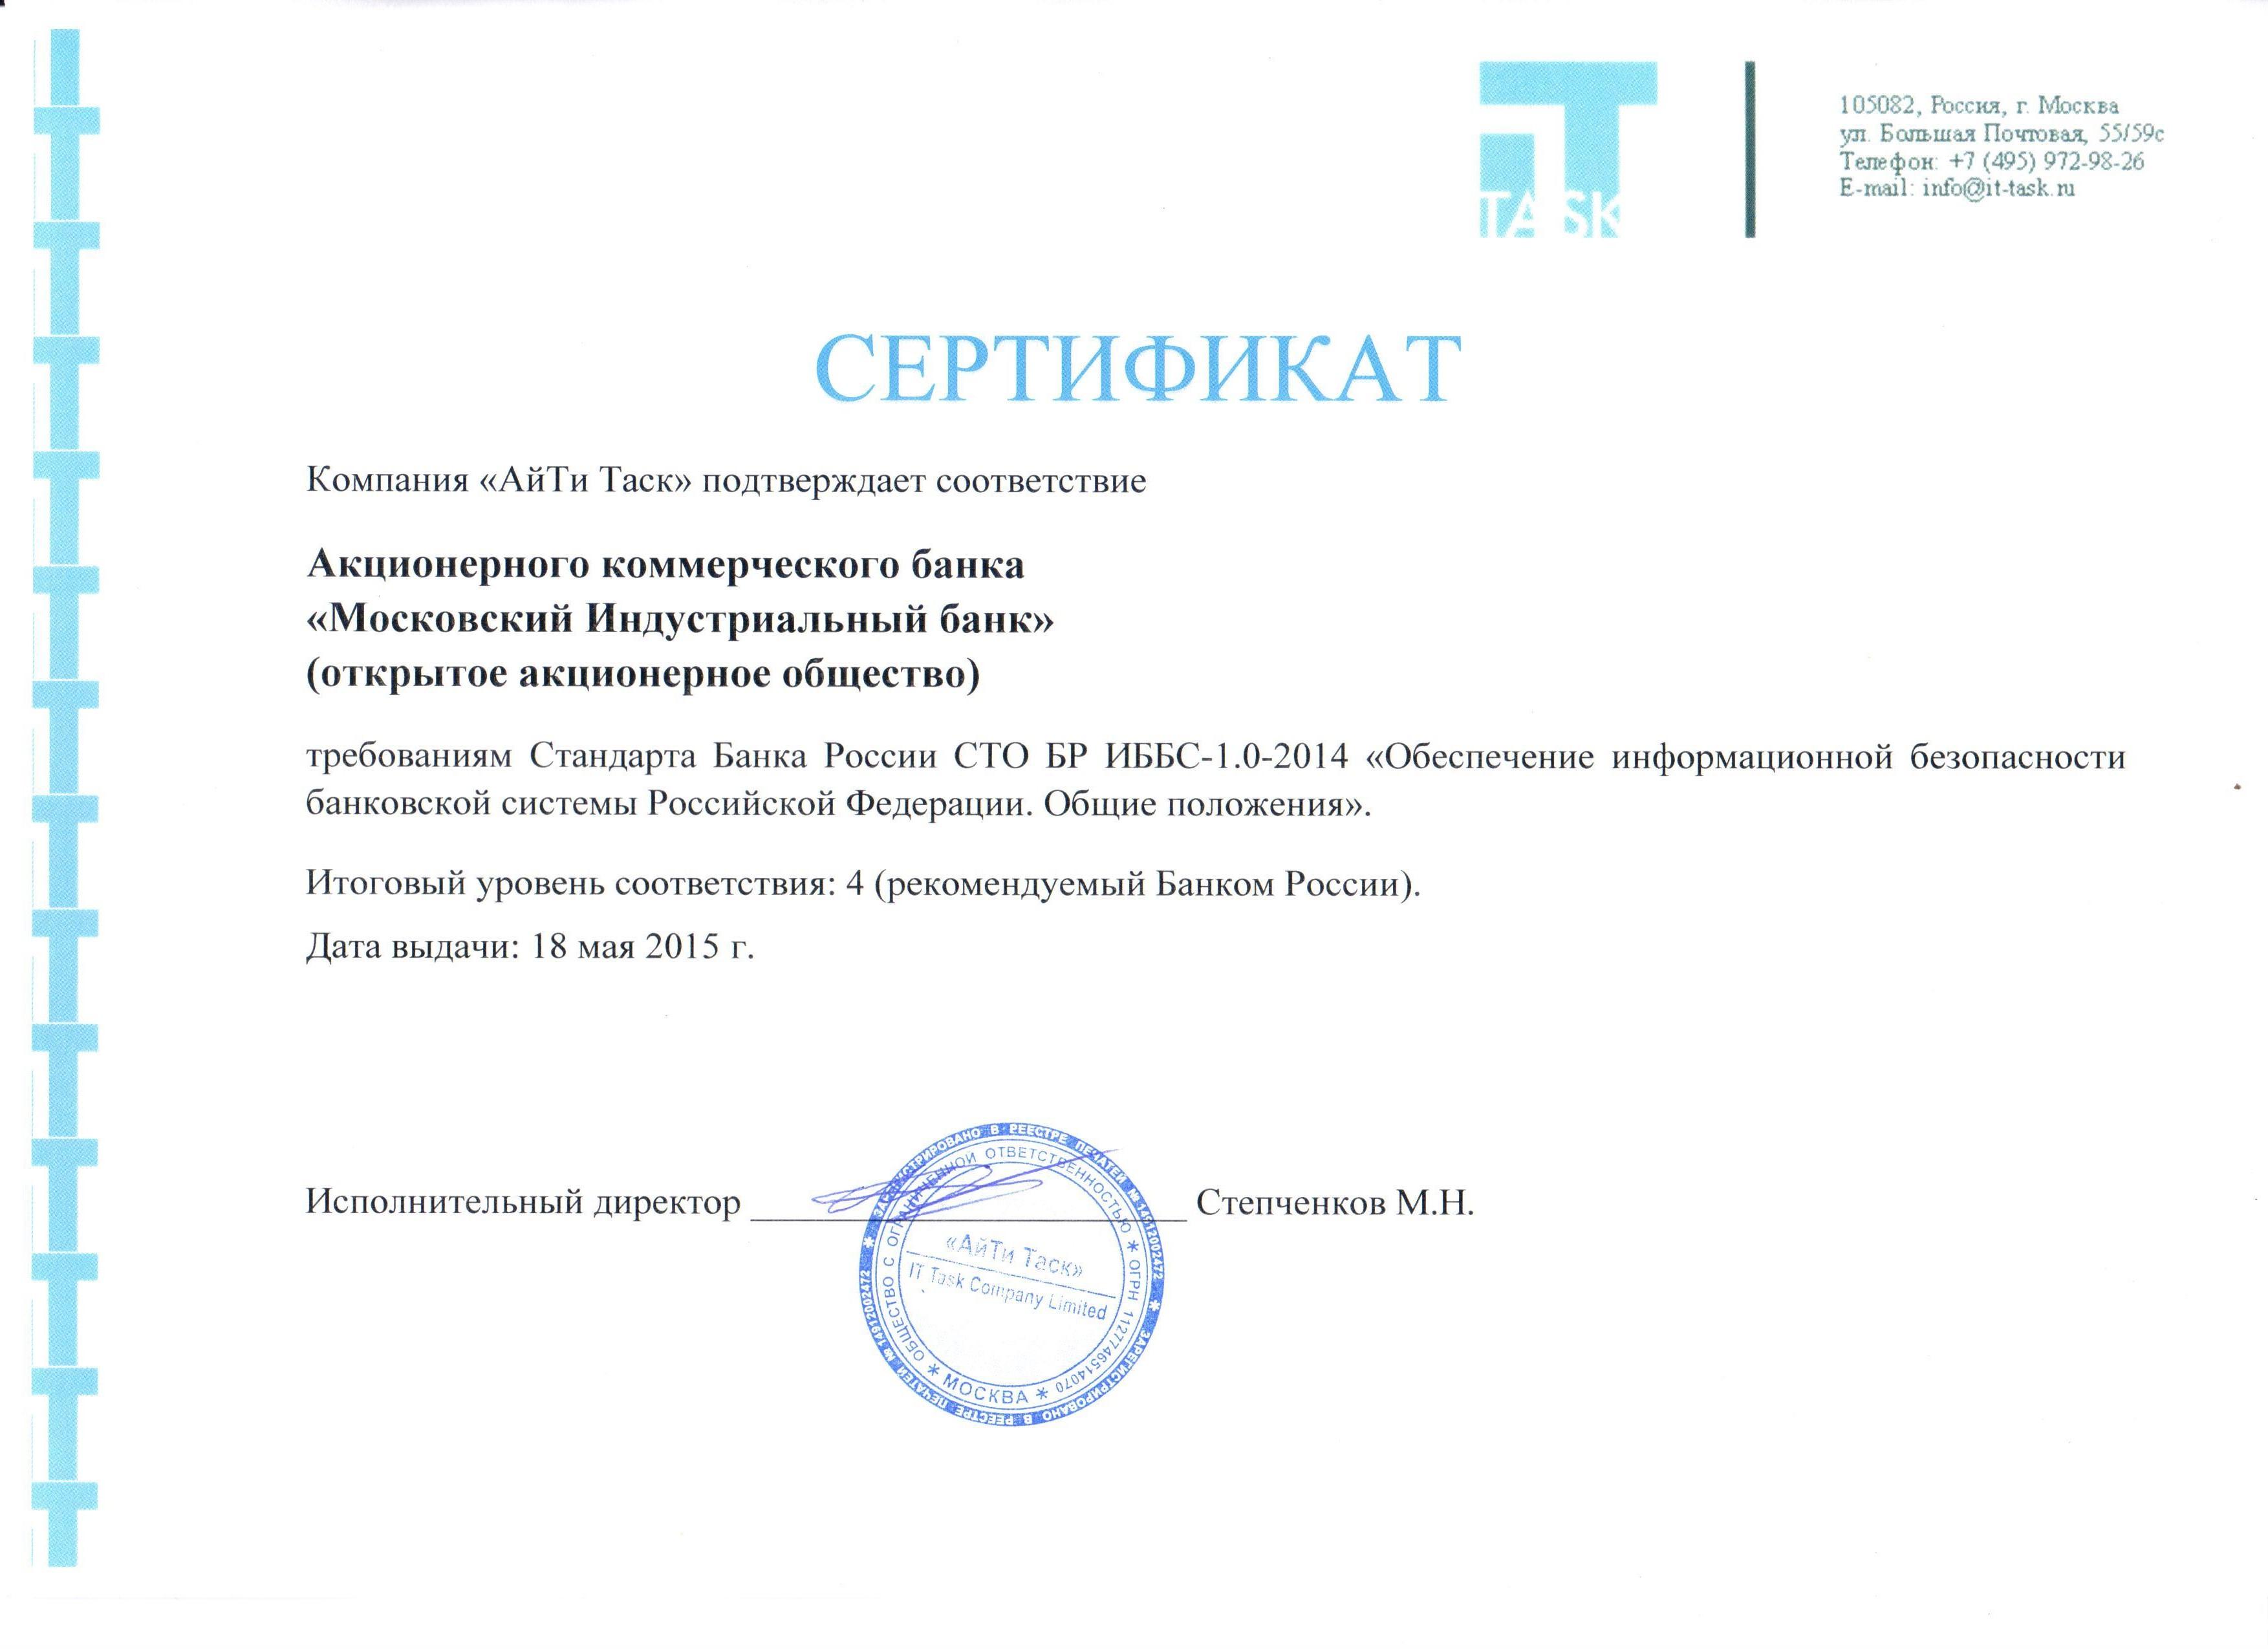 Стандарт банка россии отзывы об инвестирование в форекс